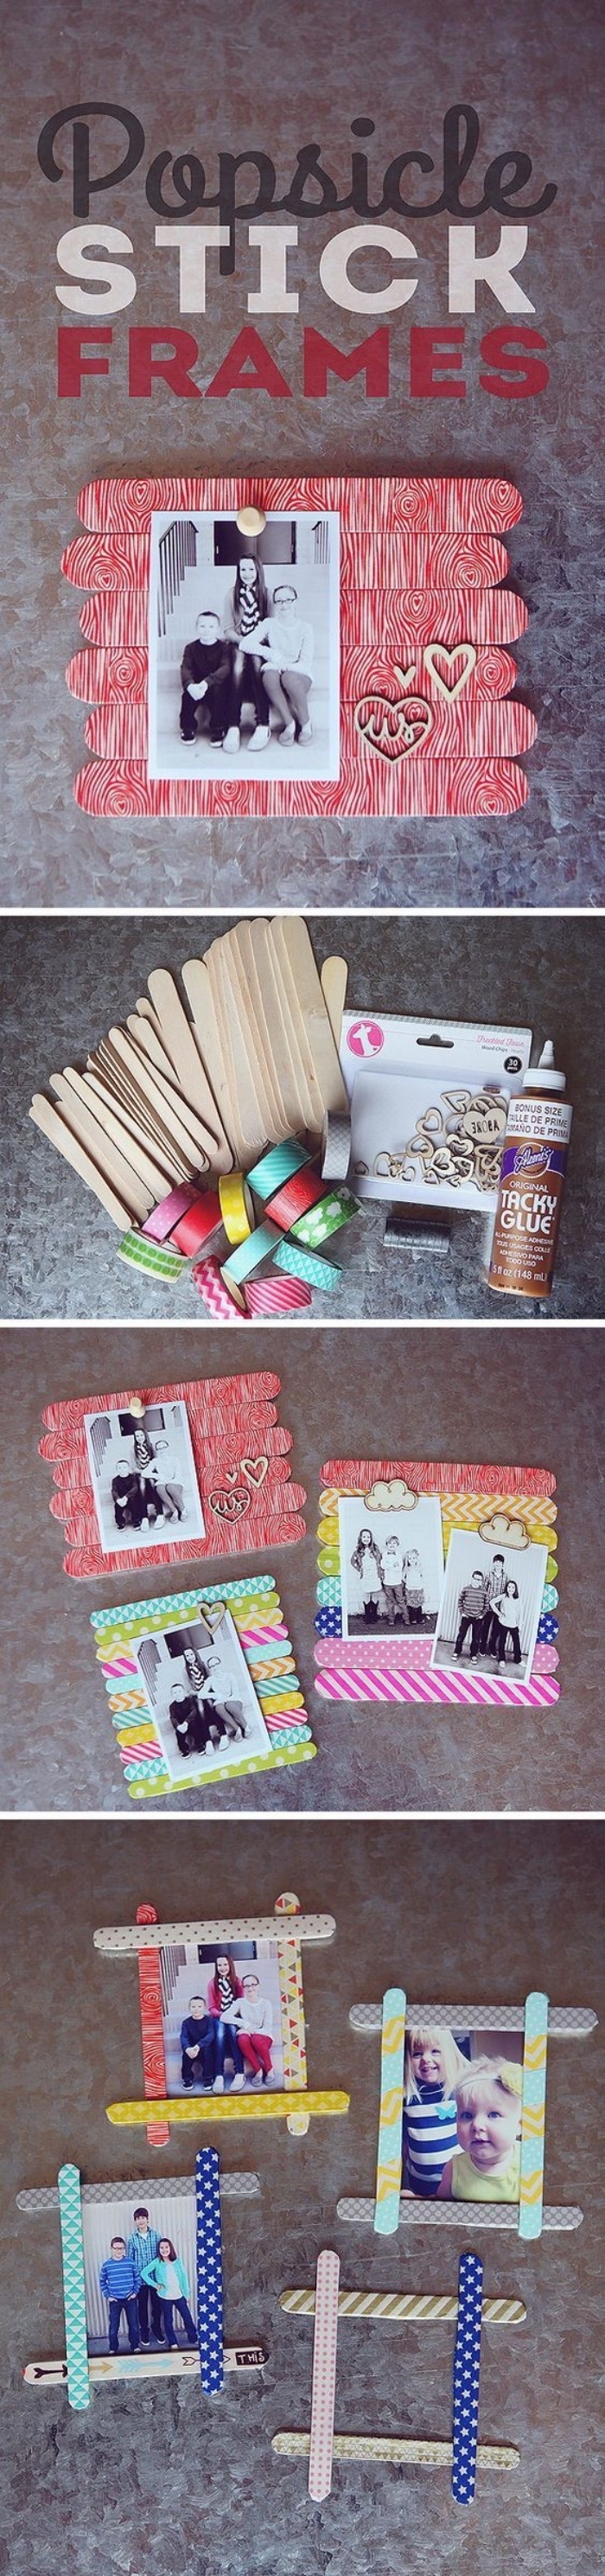 qué regalar para el día de la madre, marcos de fotos DIY hechos de materiales recilados, manualidades sencillas para niños